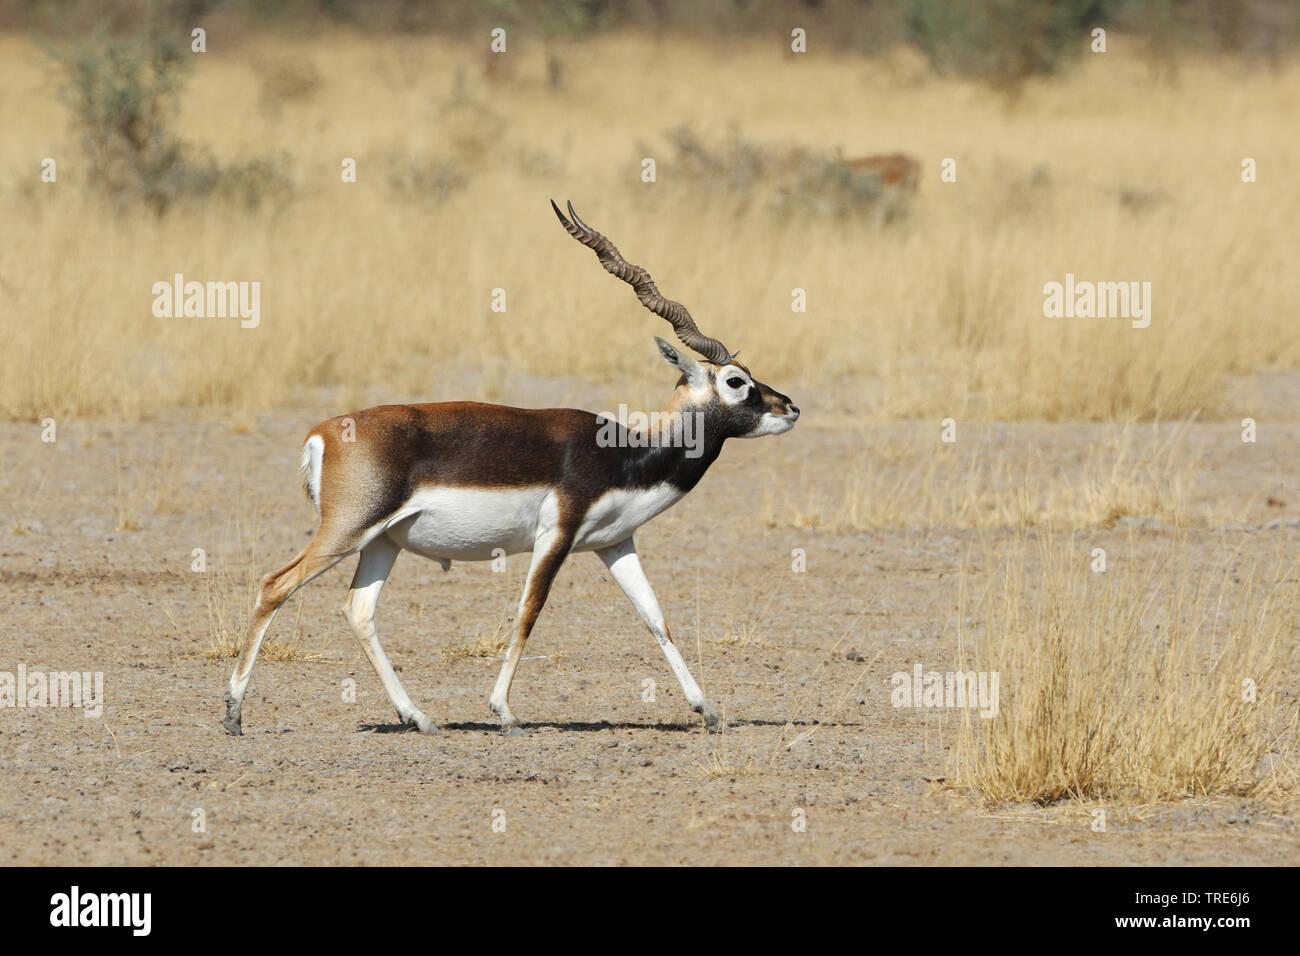 Hirschziegenantilope, Hirschziegen-Antilope (Antilope cervicapra), Bock laeuft durch die Savanne, Indien, Tal Chhapar | Hirschziegenantilope (Antilope cervicapra Stockbild